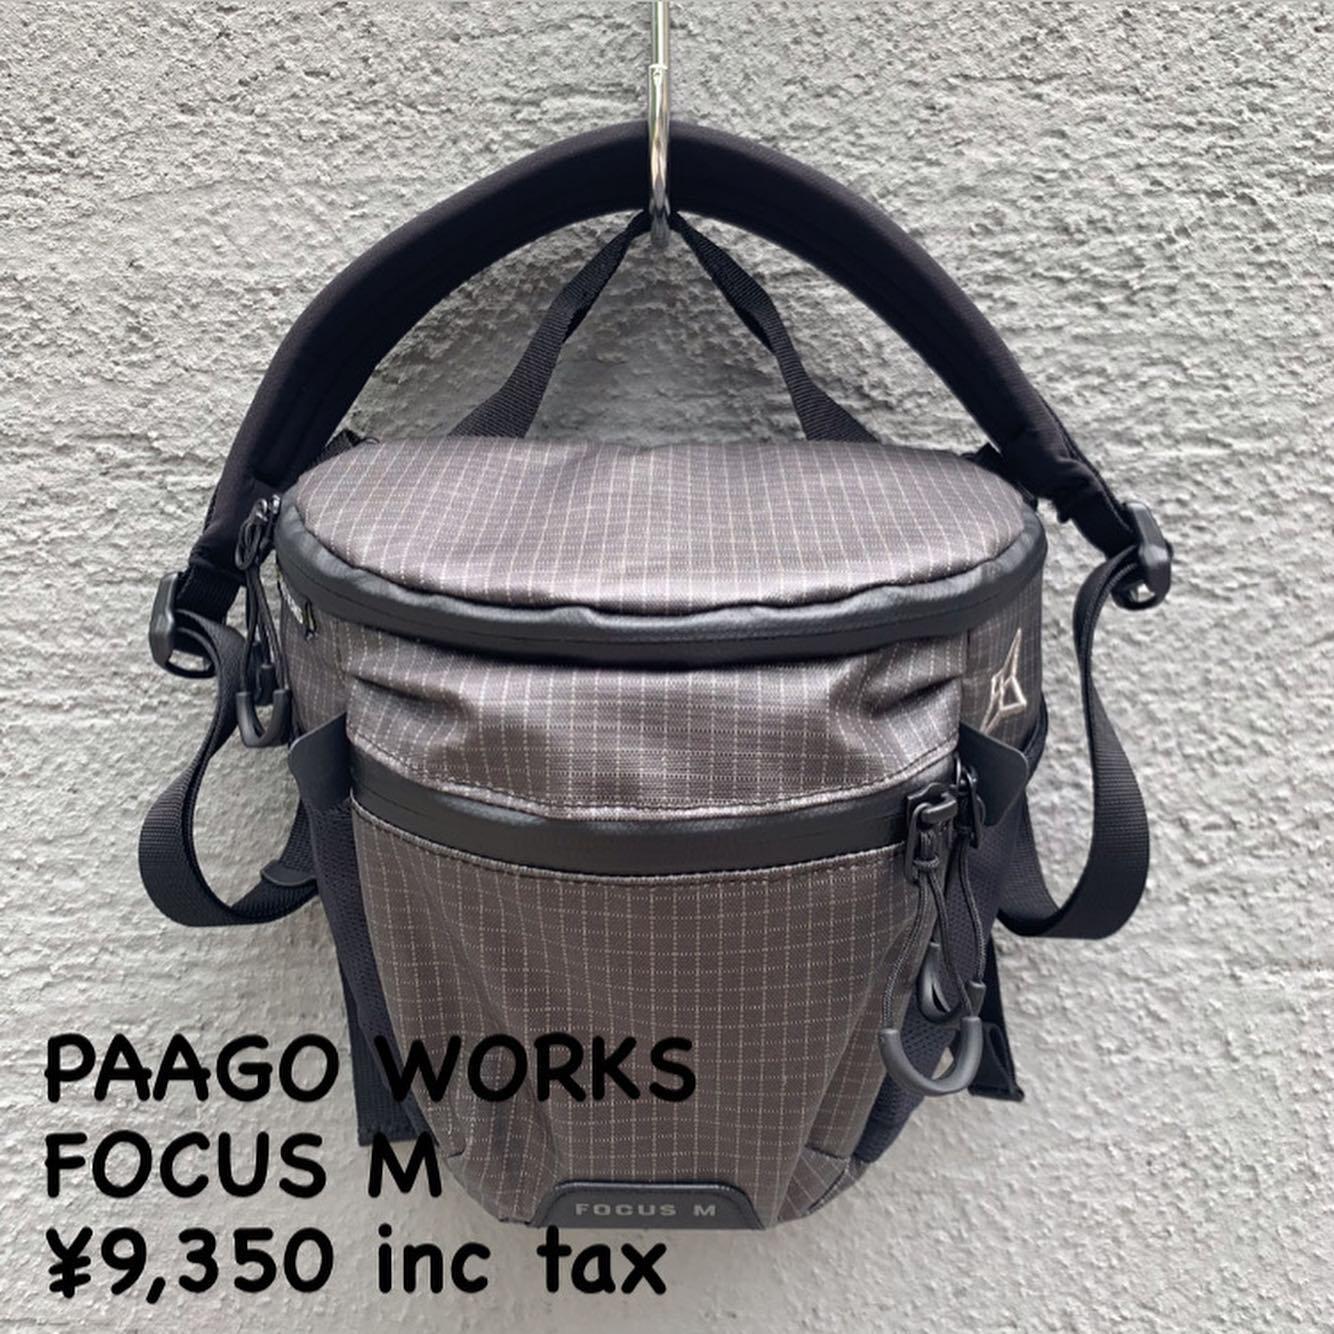 より強く、より軽く進化したカメラバッグ『PAAGO WORKS フォーカス M』のご紹介